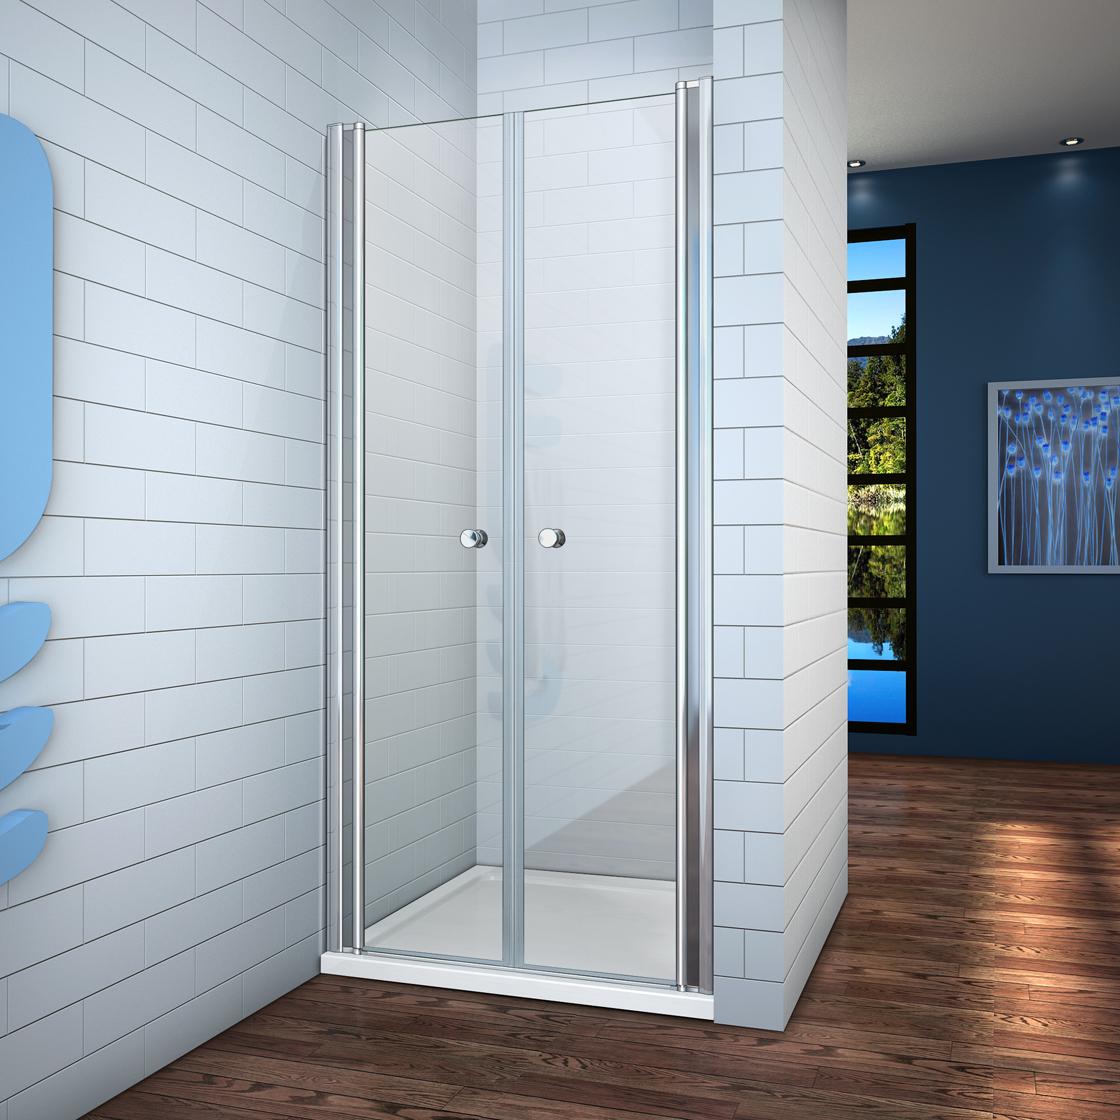 duschabtrennung duschkabine 180° schwingtür duschwand dusche